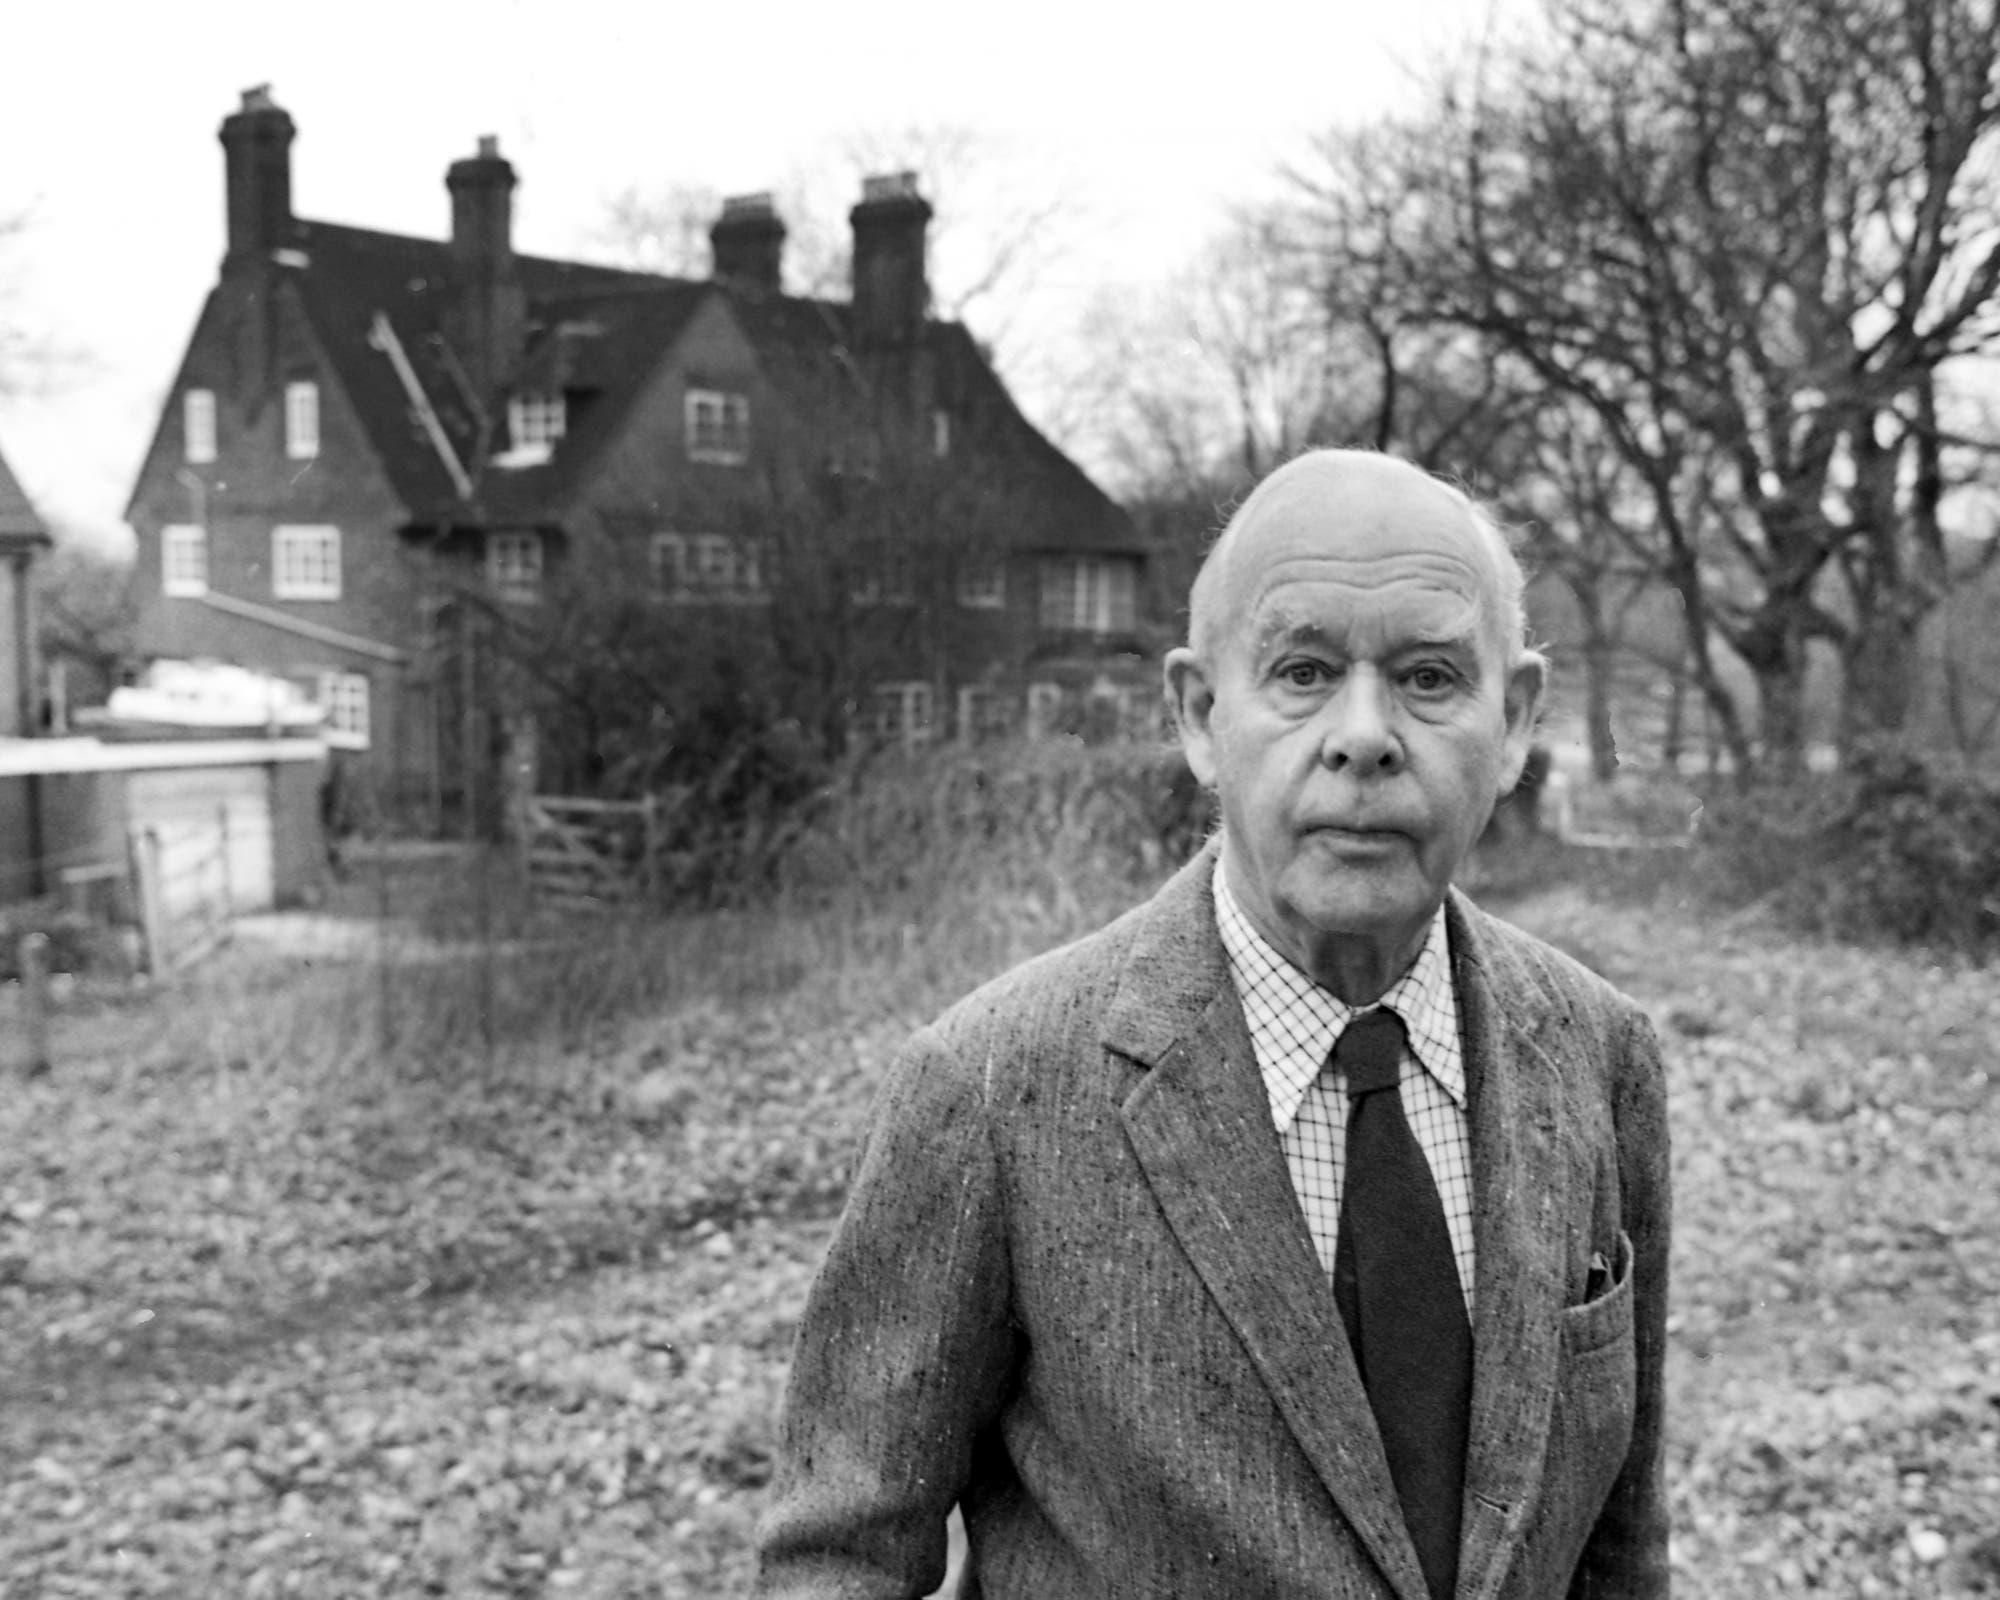 John Bowlby vor seinem Haus in der Nähe von London